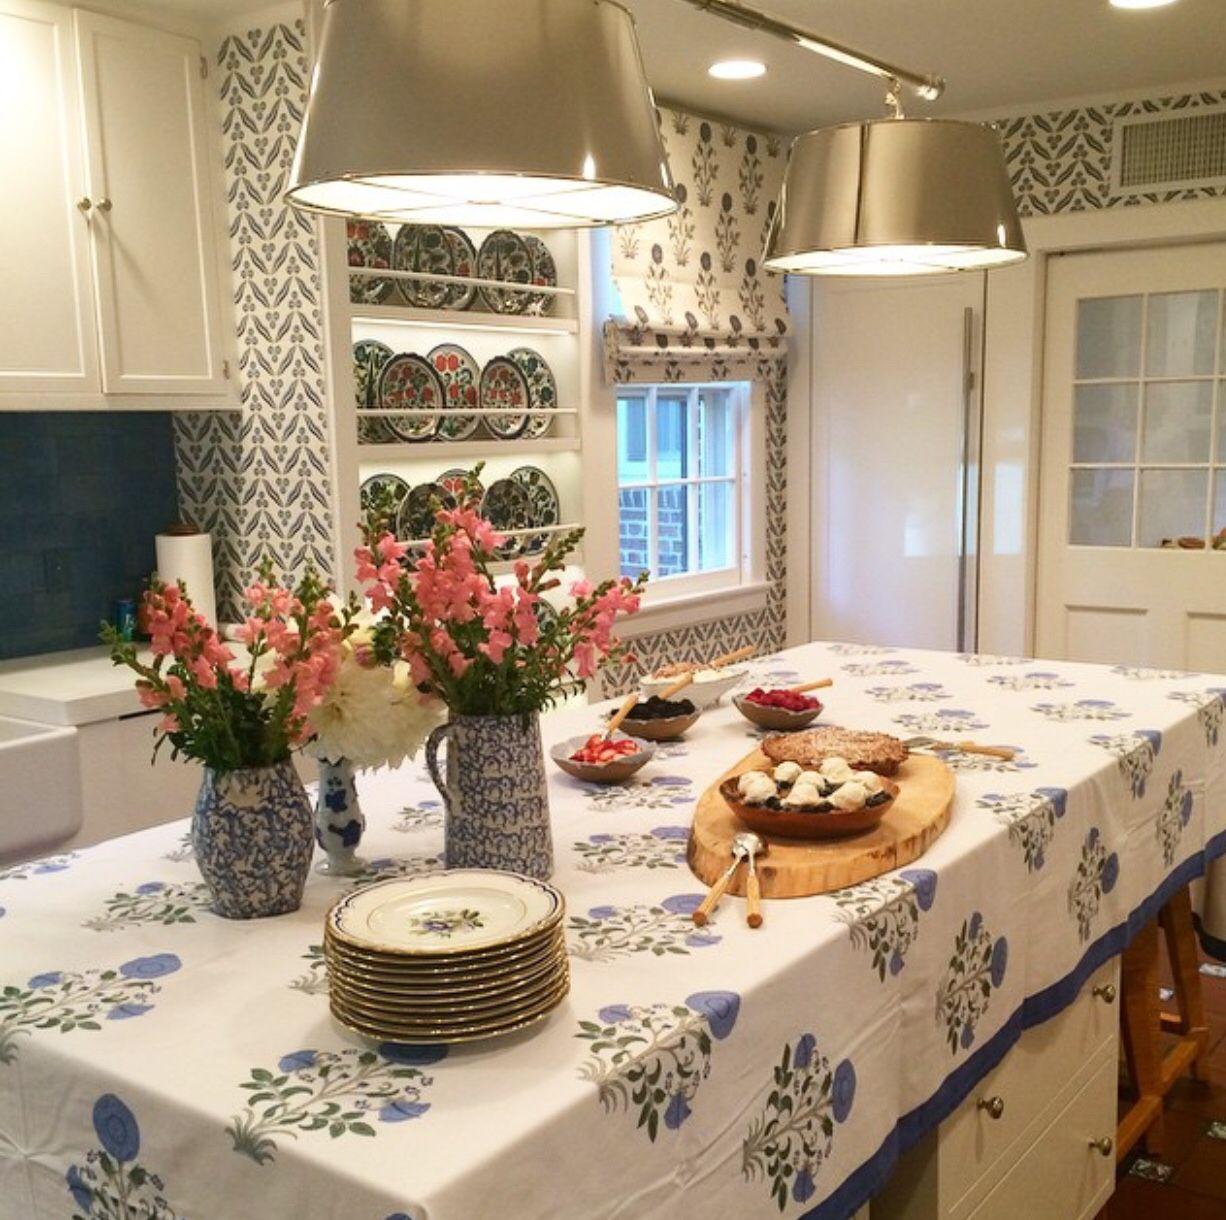 Lightning For Kitchen Pantry: Pin On Kitchens & Butler Pantries